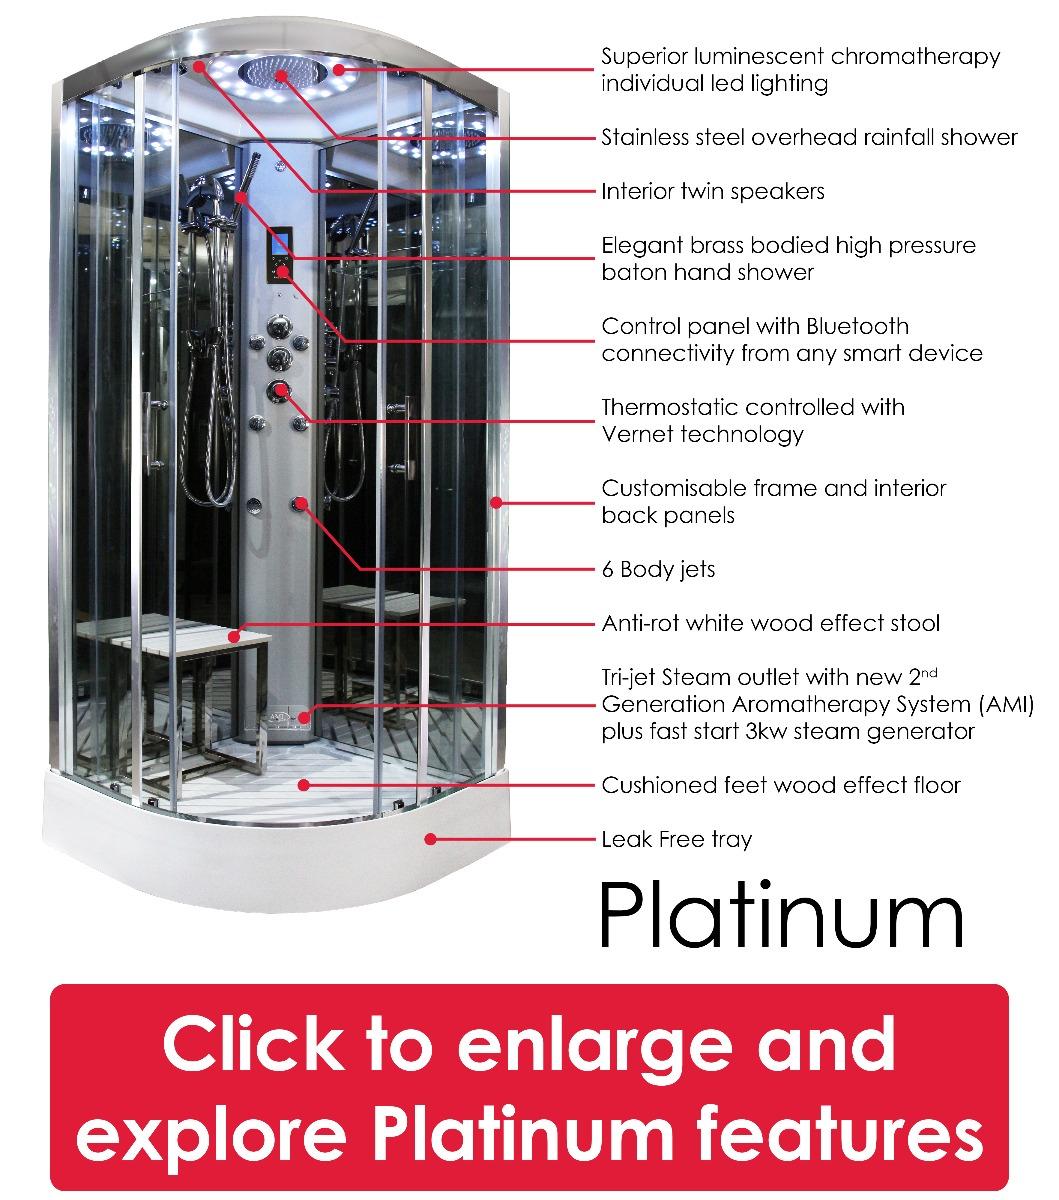 Platinum Shower features